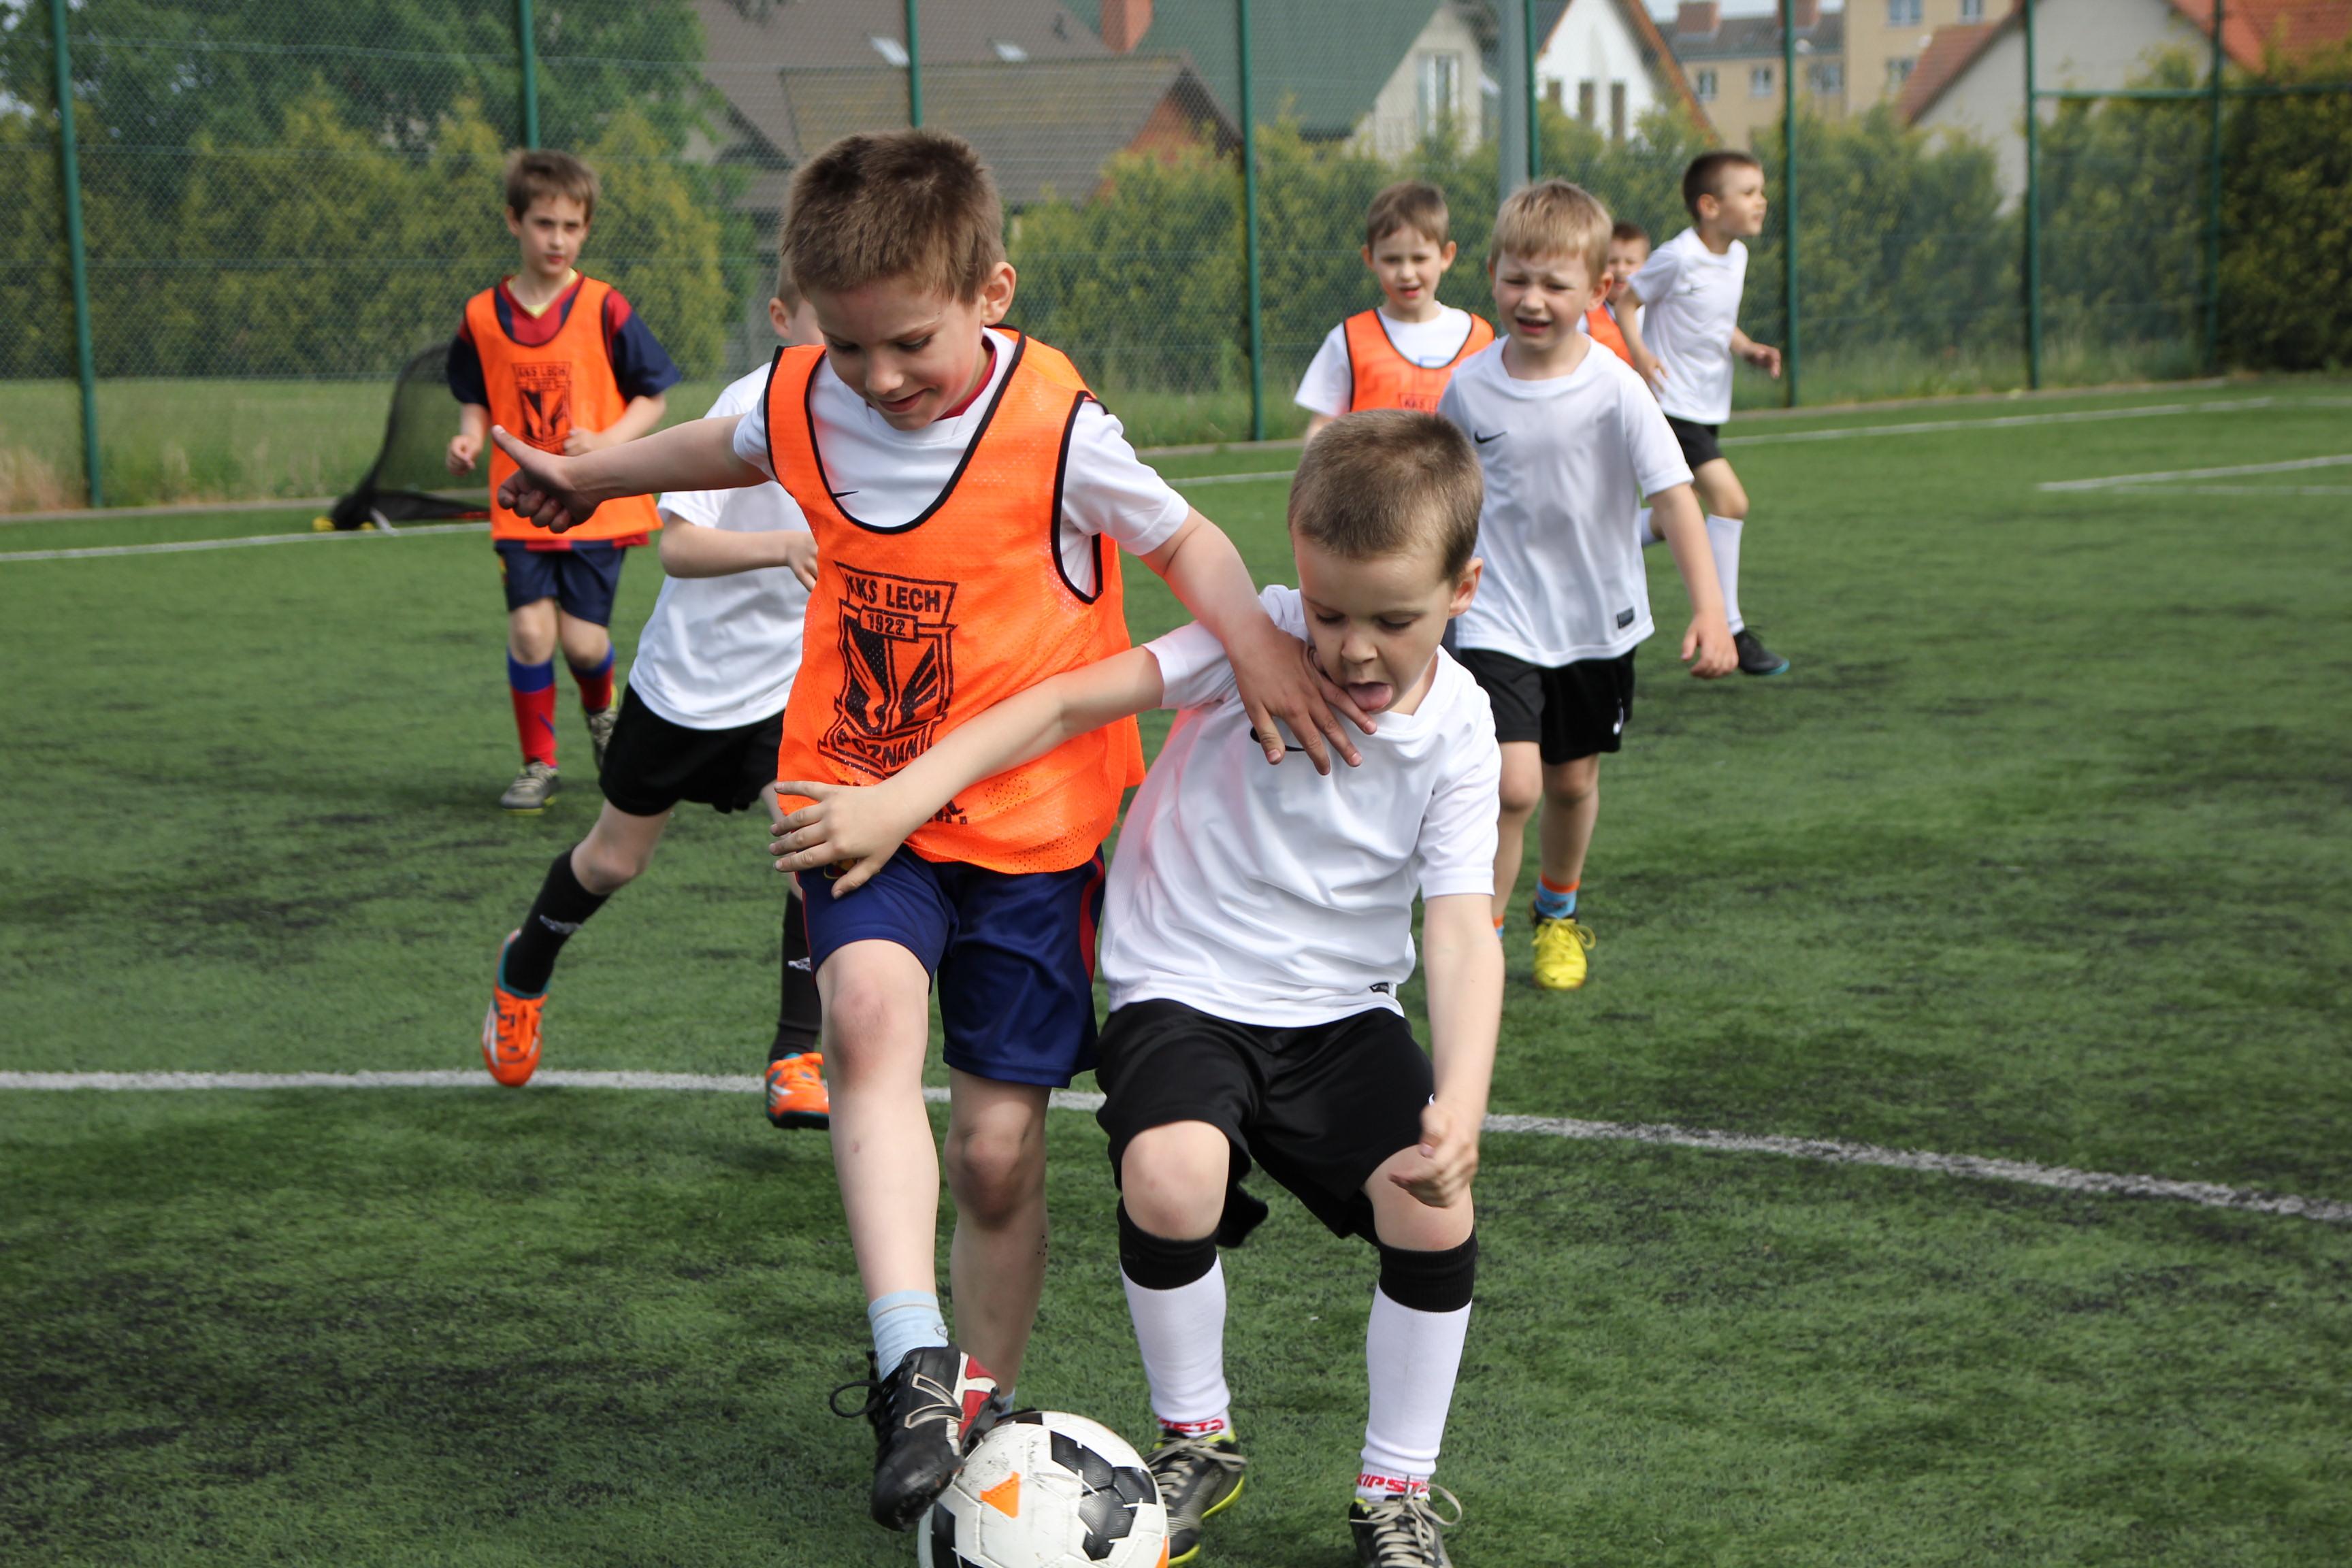 Nabór do sekcji piłkarskiej przedszkolaków!   Zapraszamy na pierwszy otwarty trening!